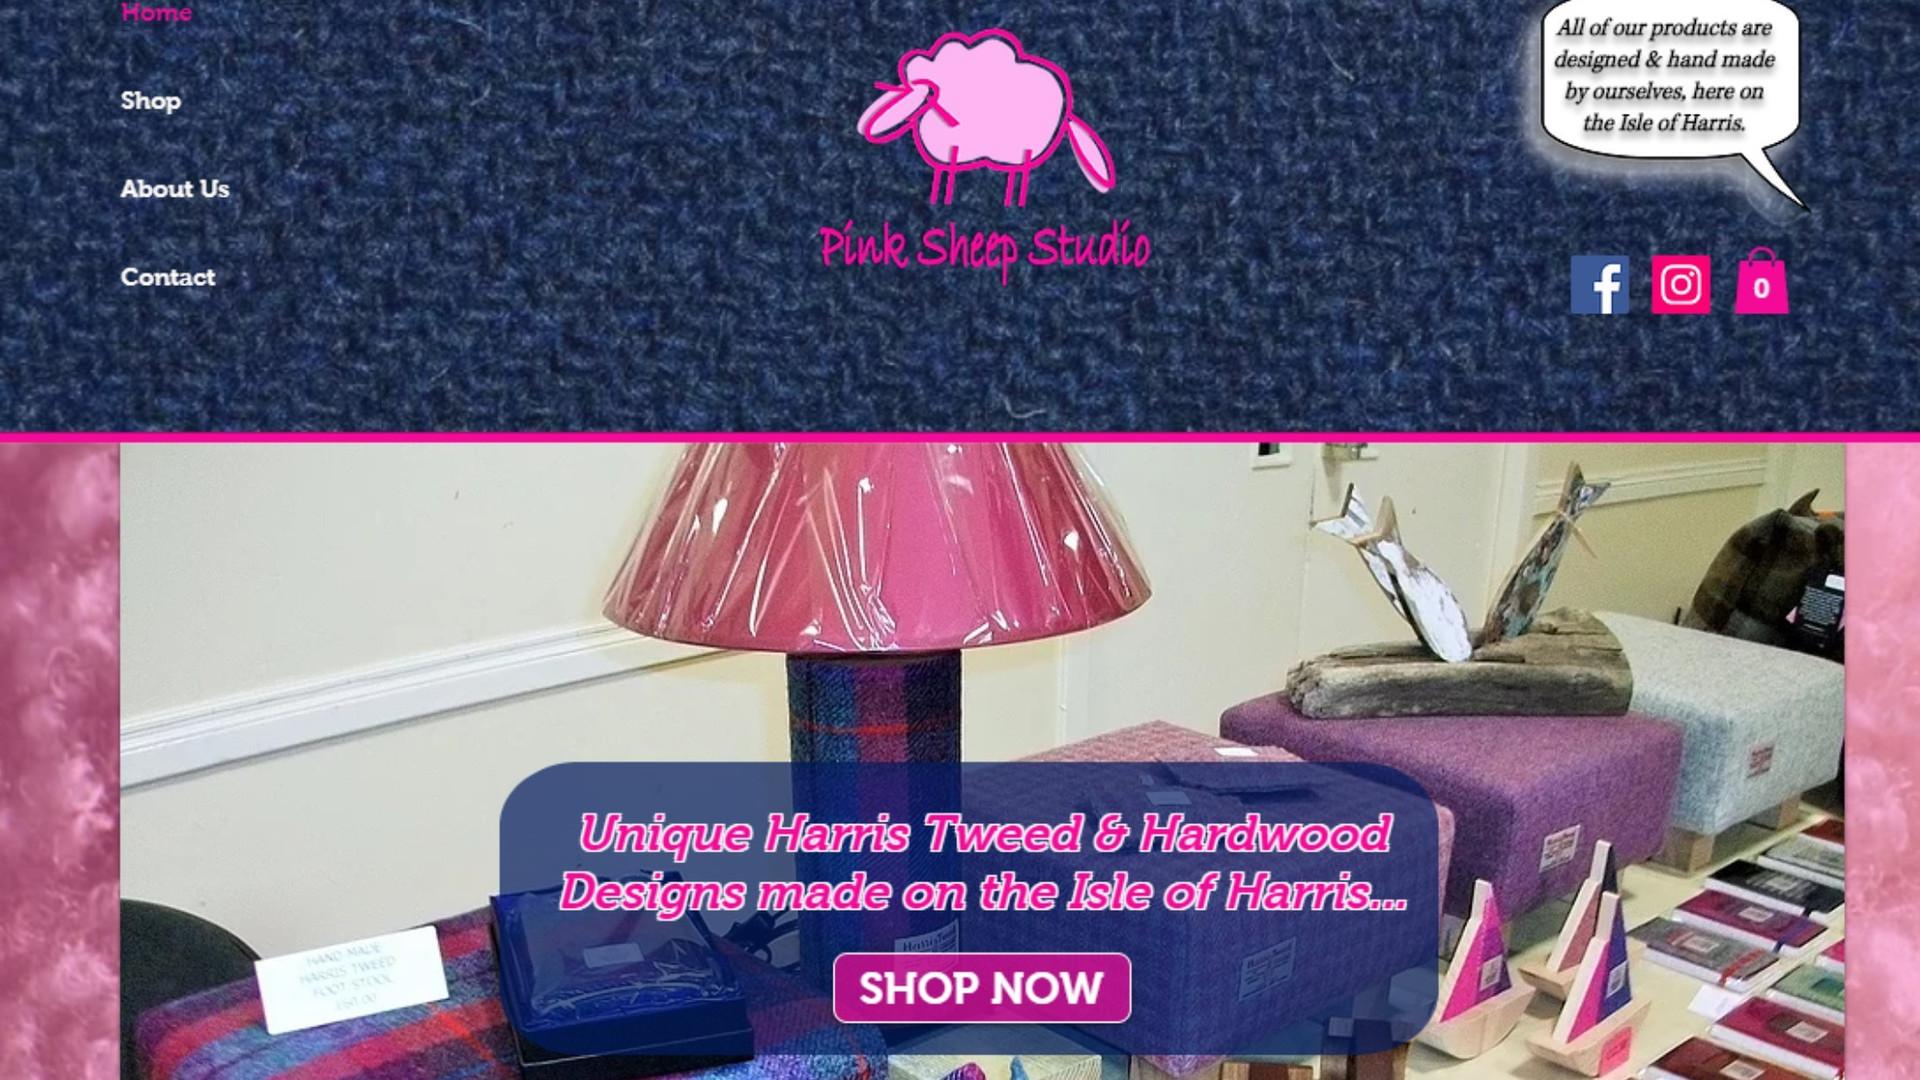 Pink Sheep Studio - Website